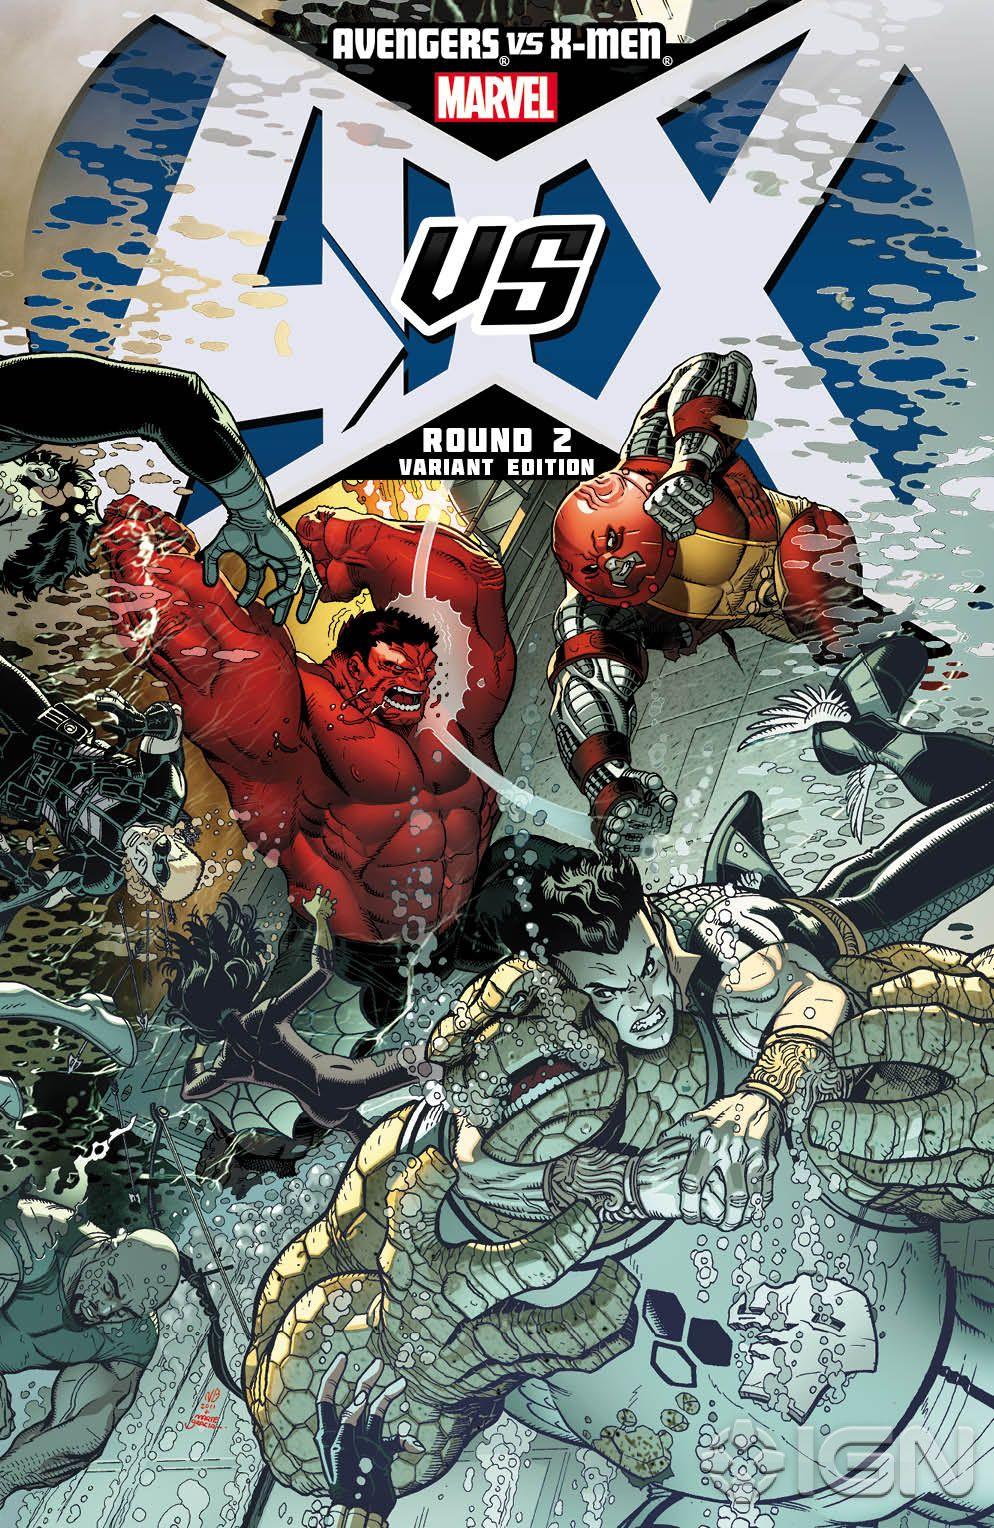 avengers-vs-x-men-2variant